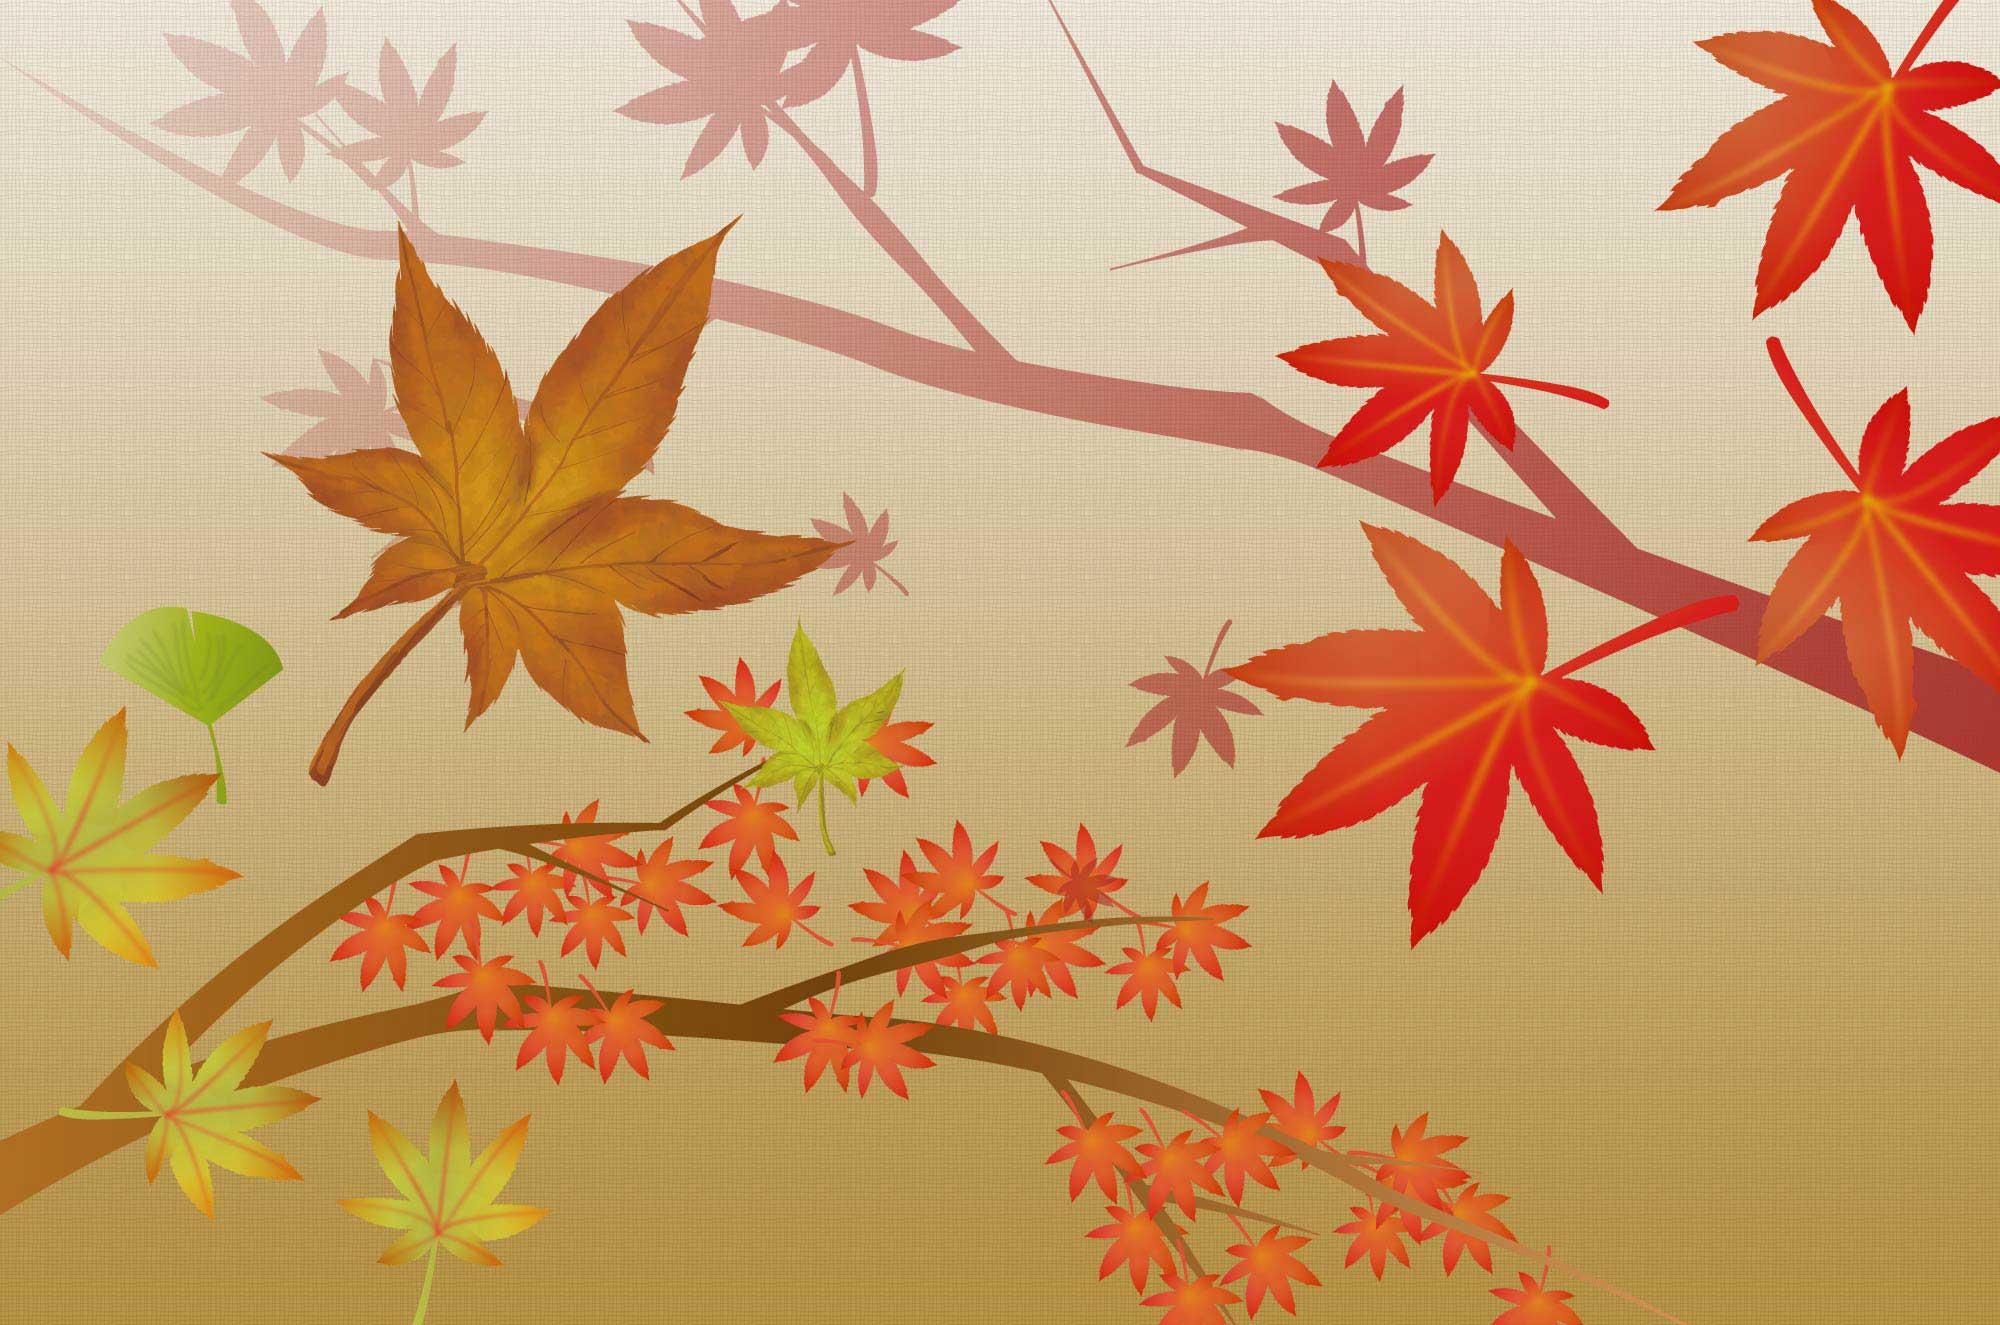 紅葉(もみじ)の無料イラスト - 秋の植物フリー素材 - チコデザ